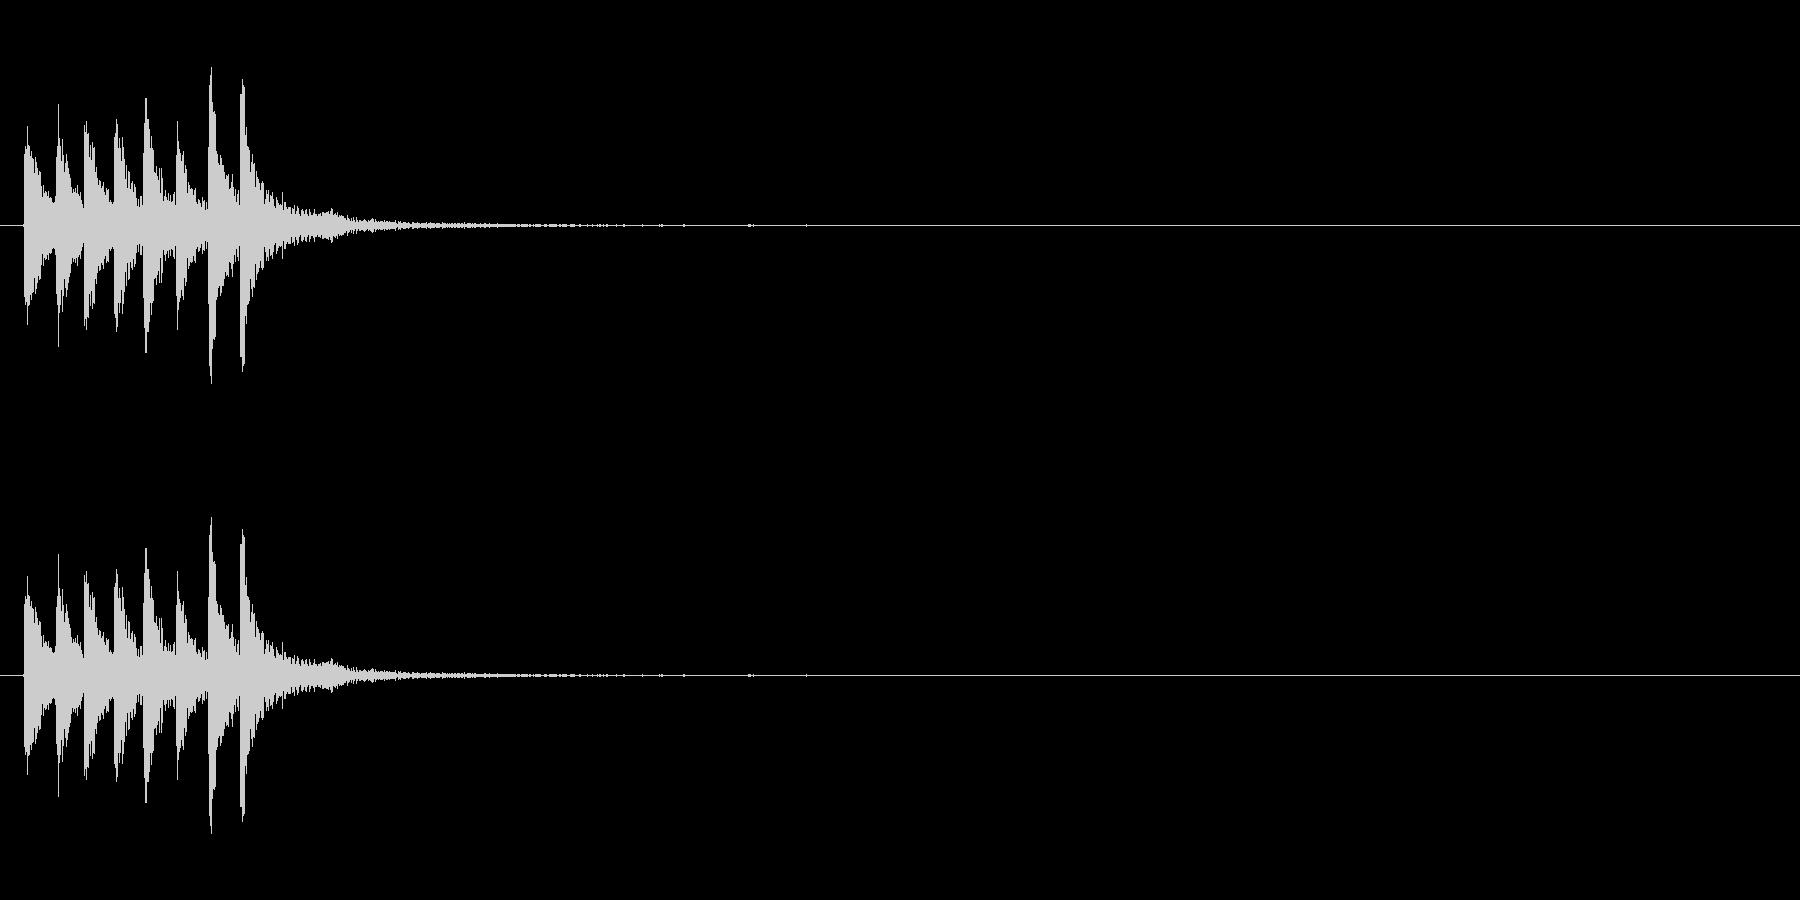 スチールドラムの上昇音【キラキラキラ】…の未再生の波形